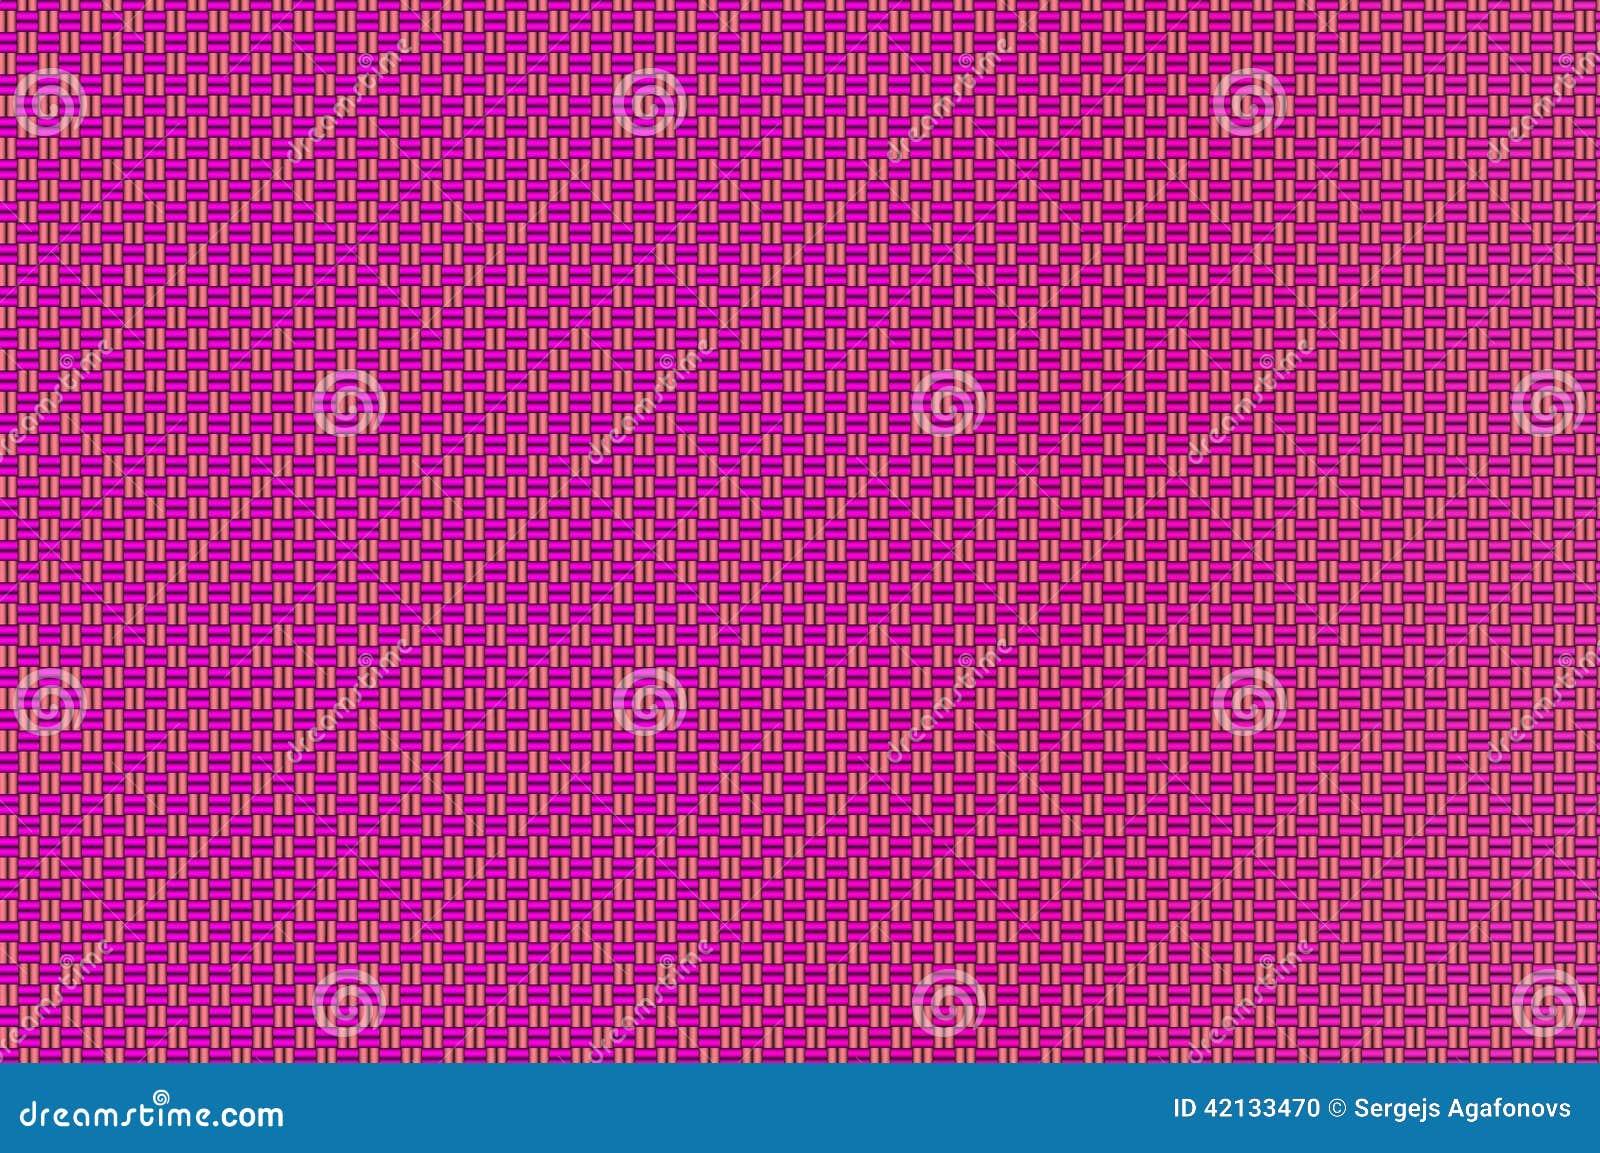 Modello marrone rosso-viola e sabbioso di griglia intrecciata - dei quadrati